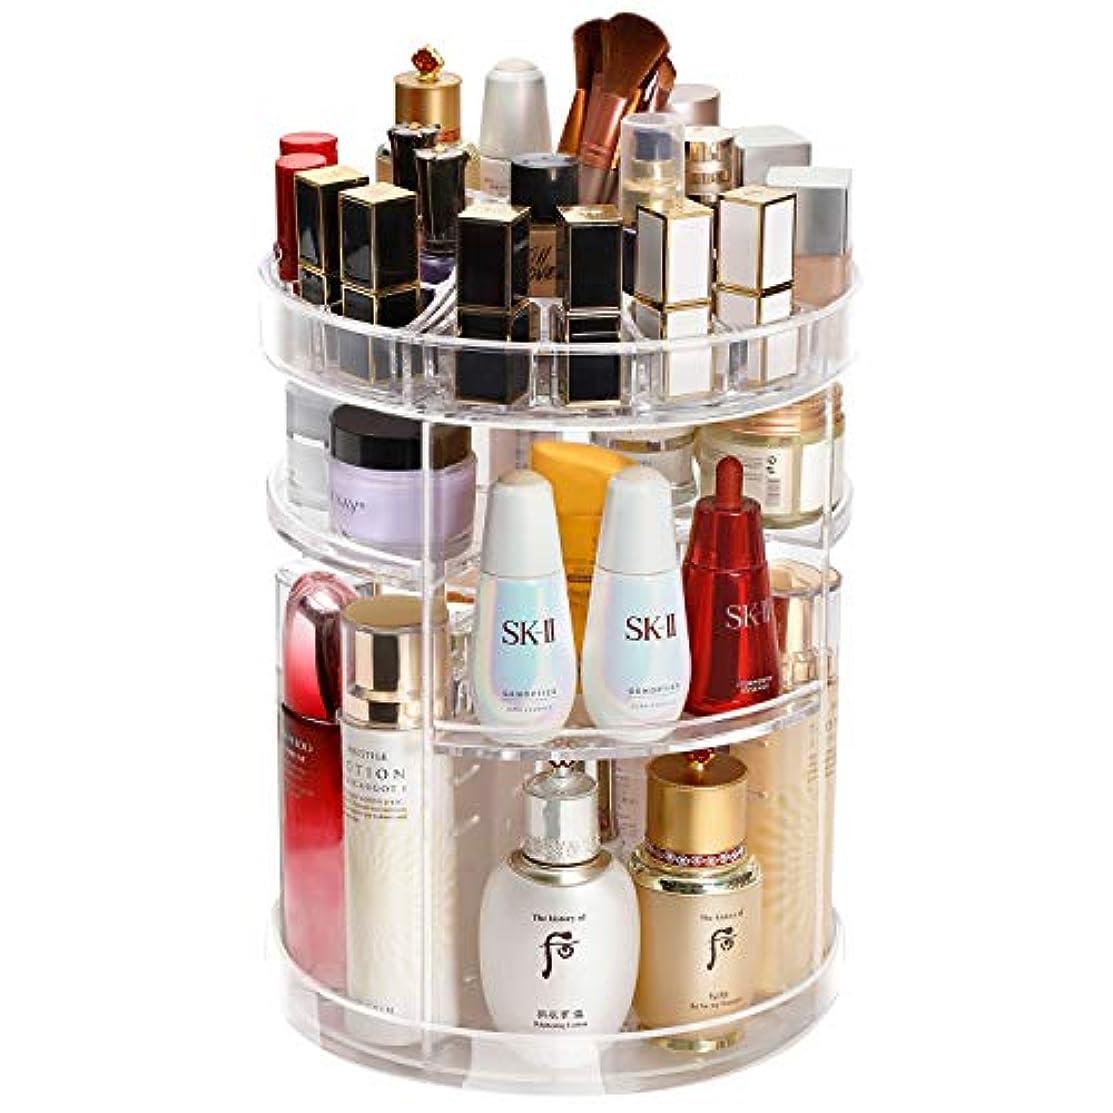 所持スイッチ殺す化粧品収納ボックス 大容量 360°回転可能 収納ボックス 耐久性 透明 口紅 コスメ 小物収納 アクリルケース